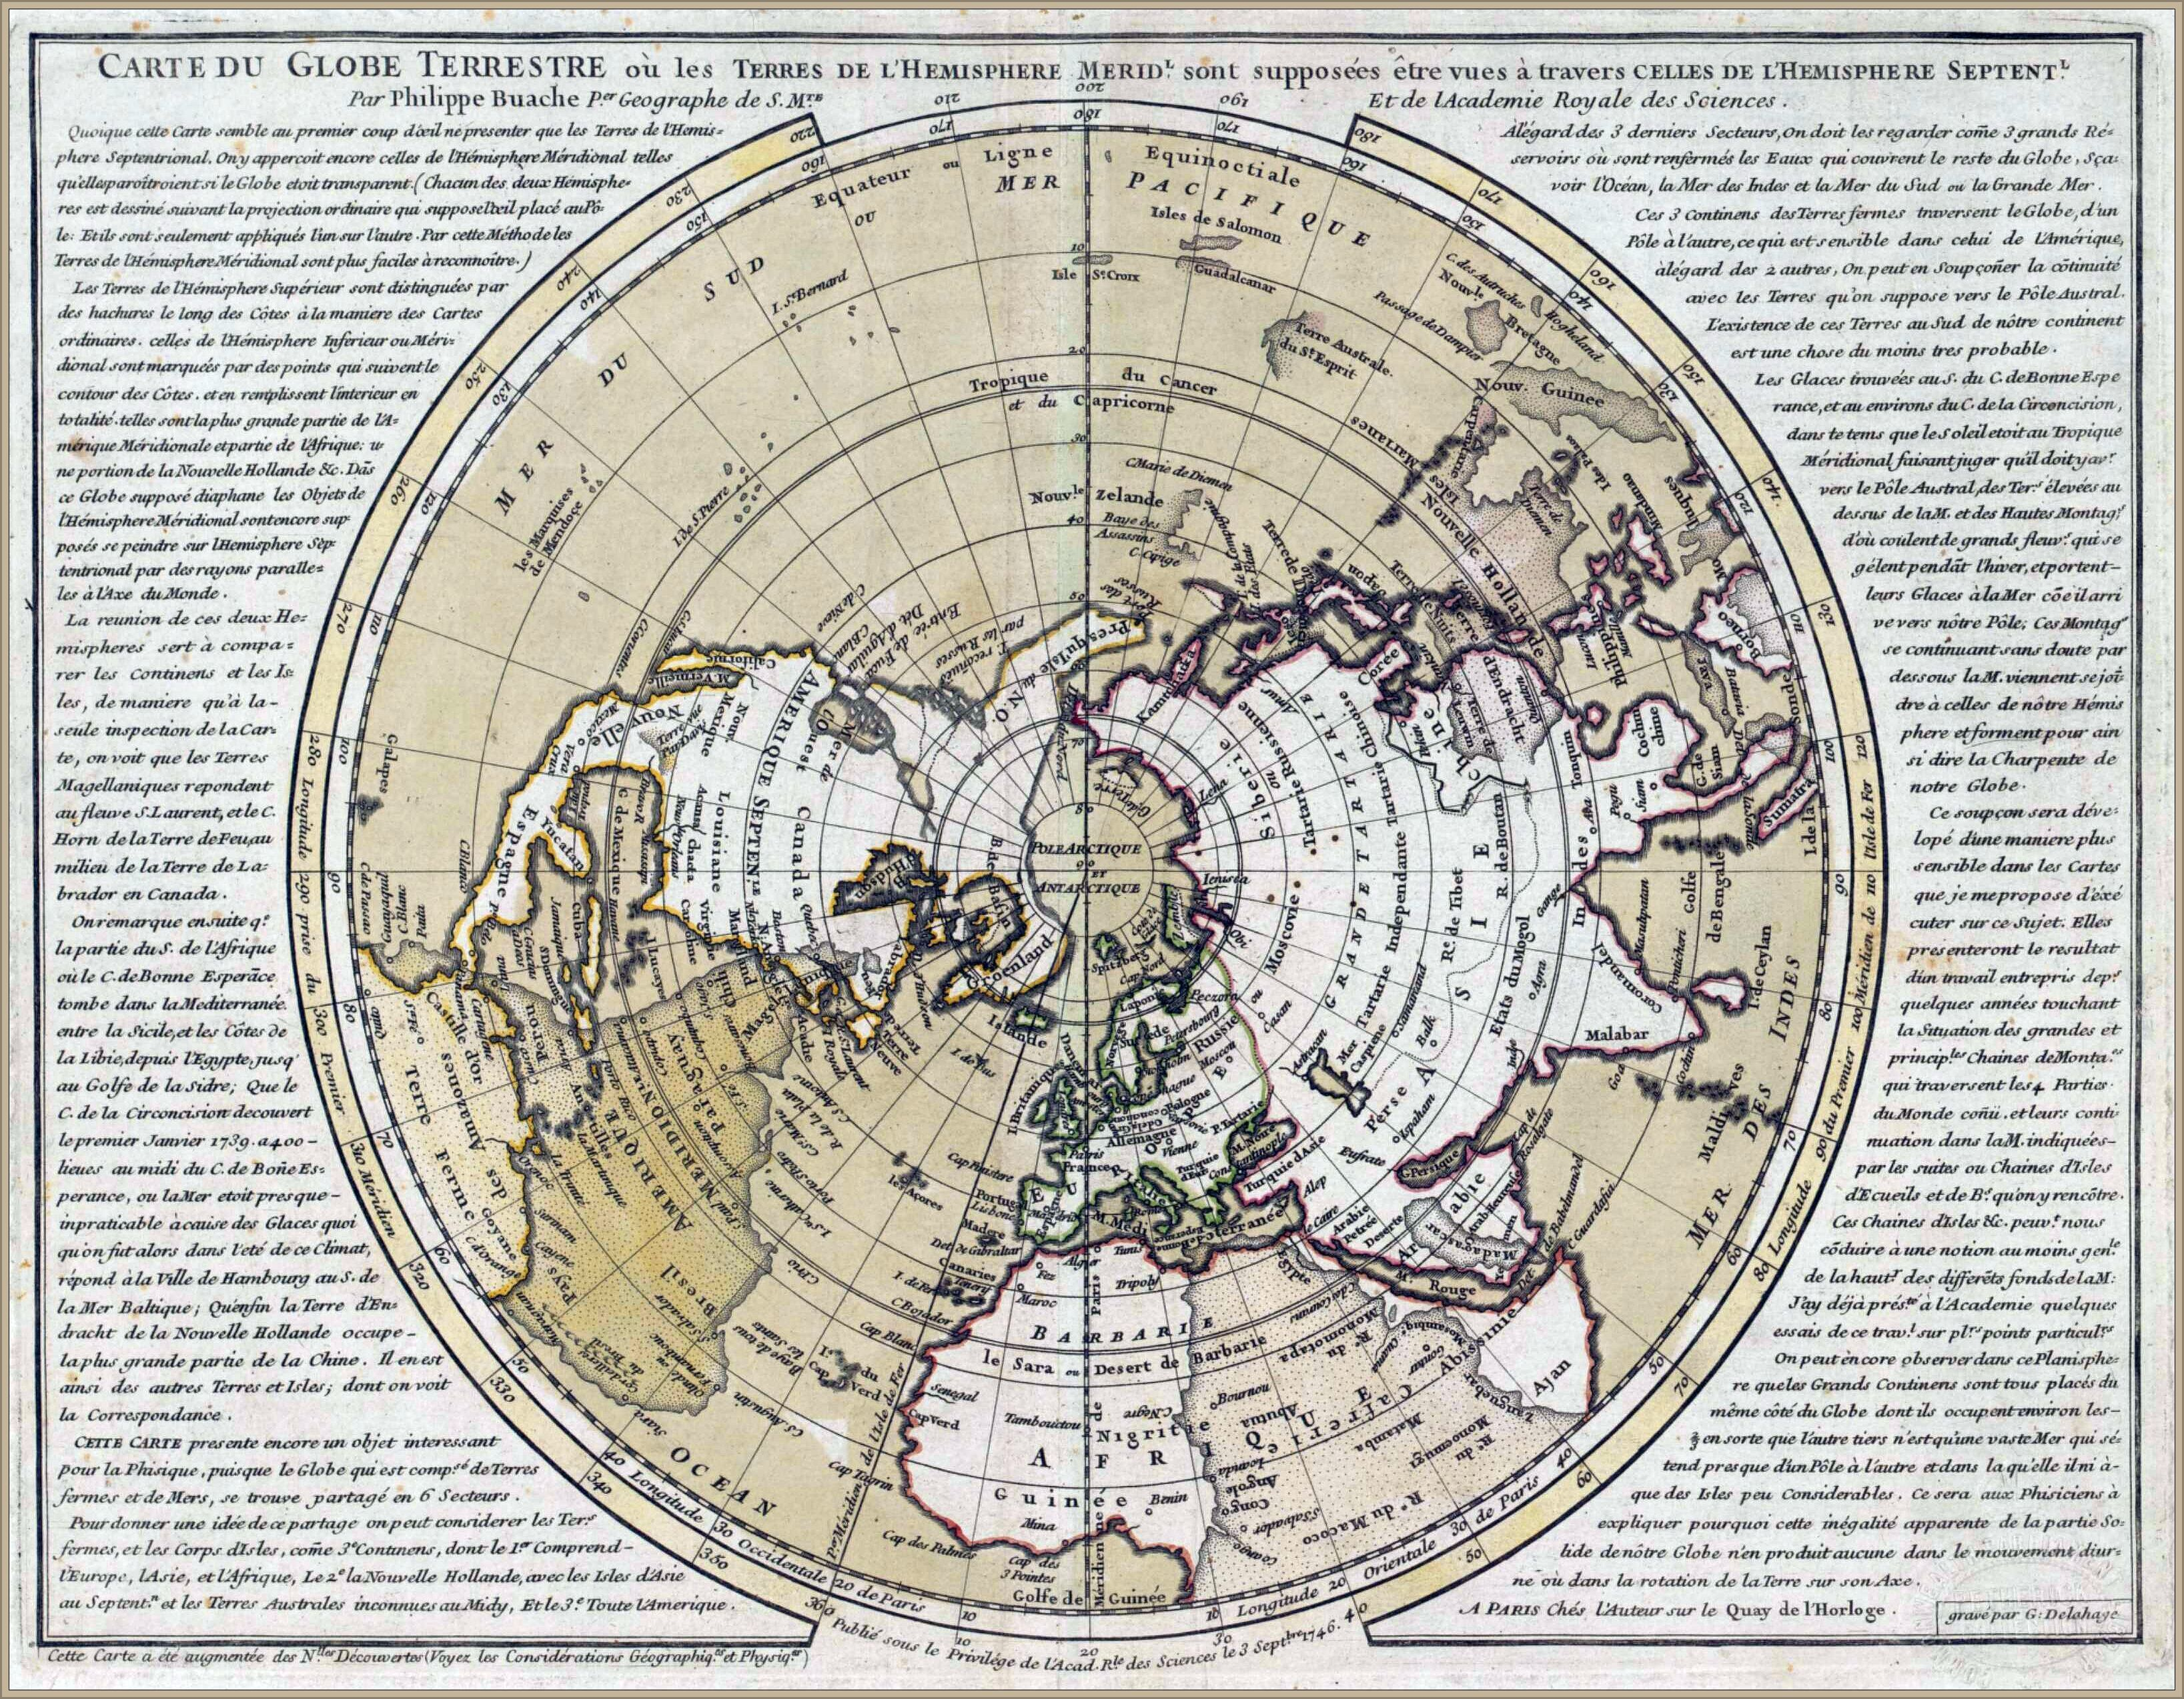 Planisphere Of The Northern Hemisphere Superimposed